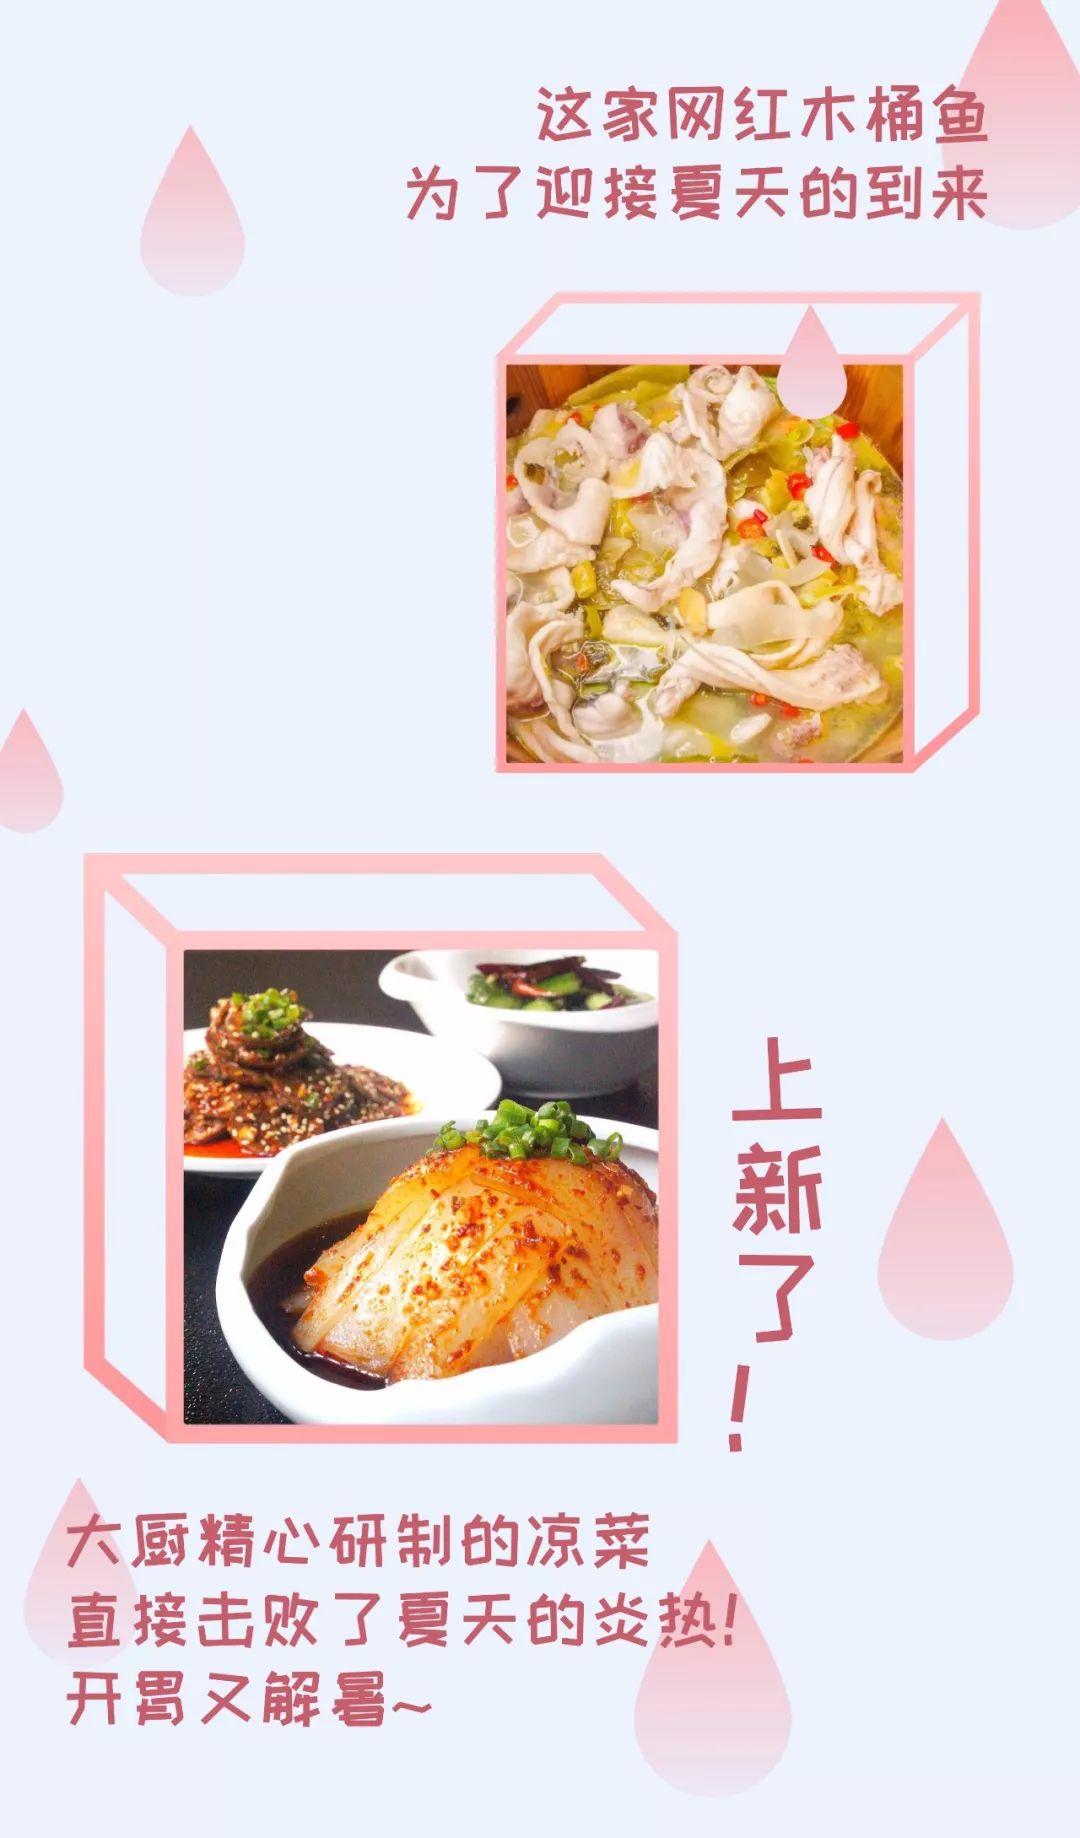 三重福利PK,这家木桶鱼的凉菜点缀了整个夏天